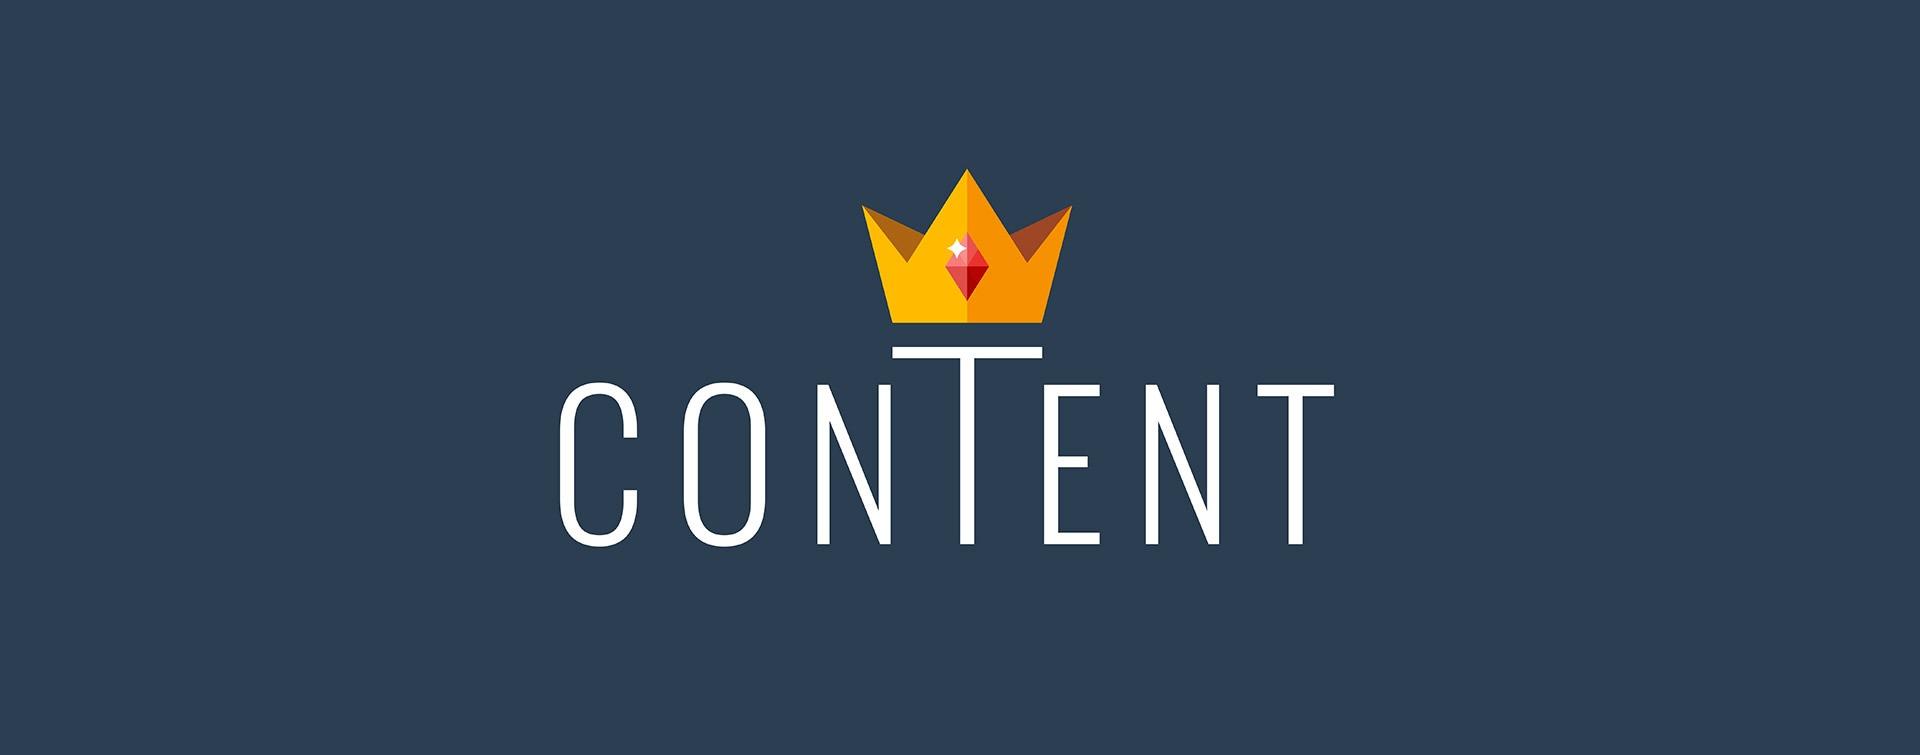 Crie conteúdos significativos e compartilháveis